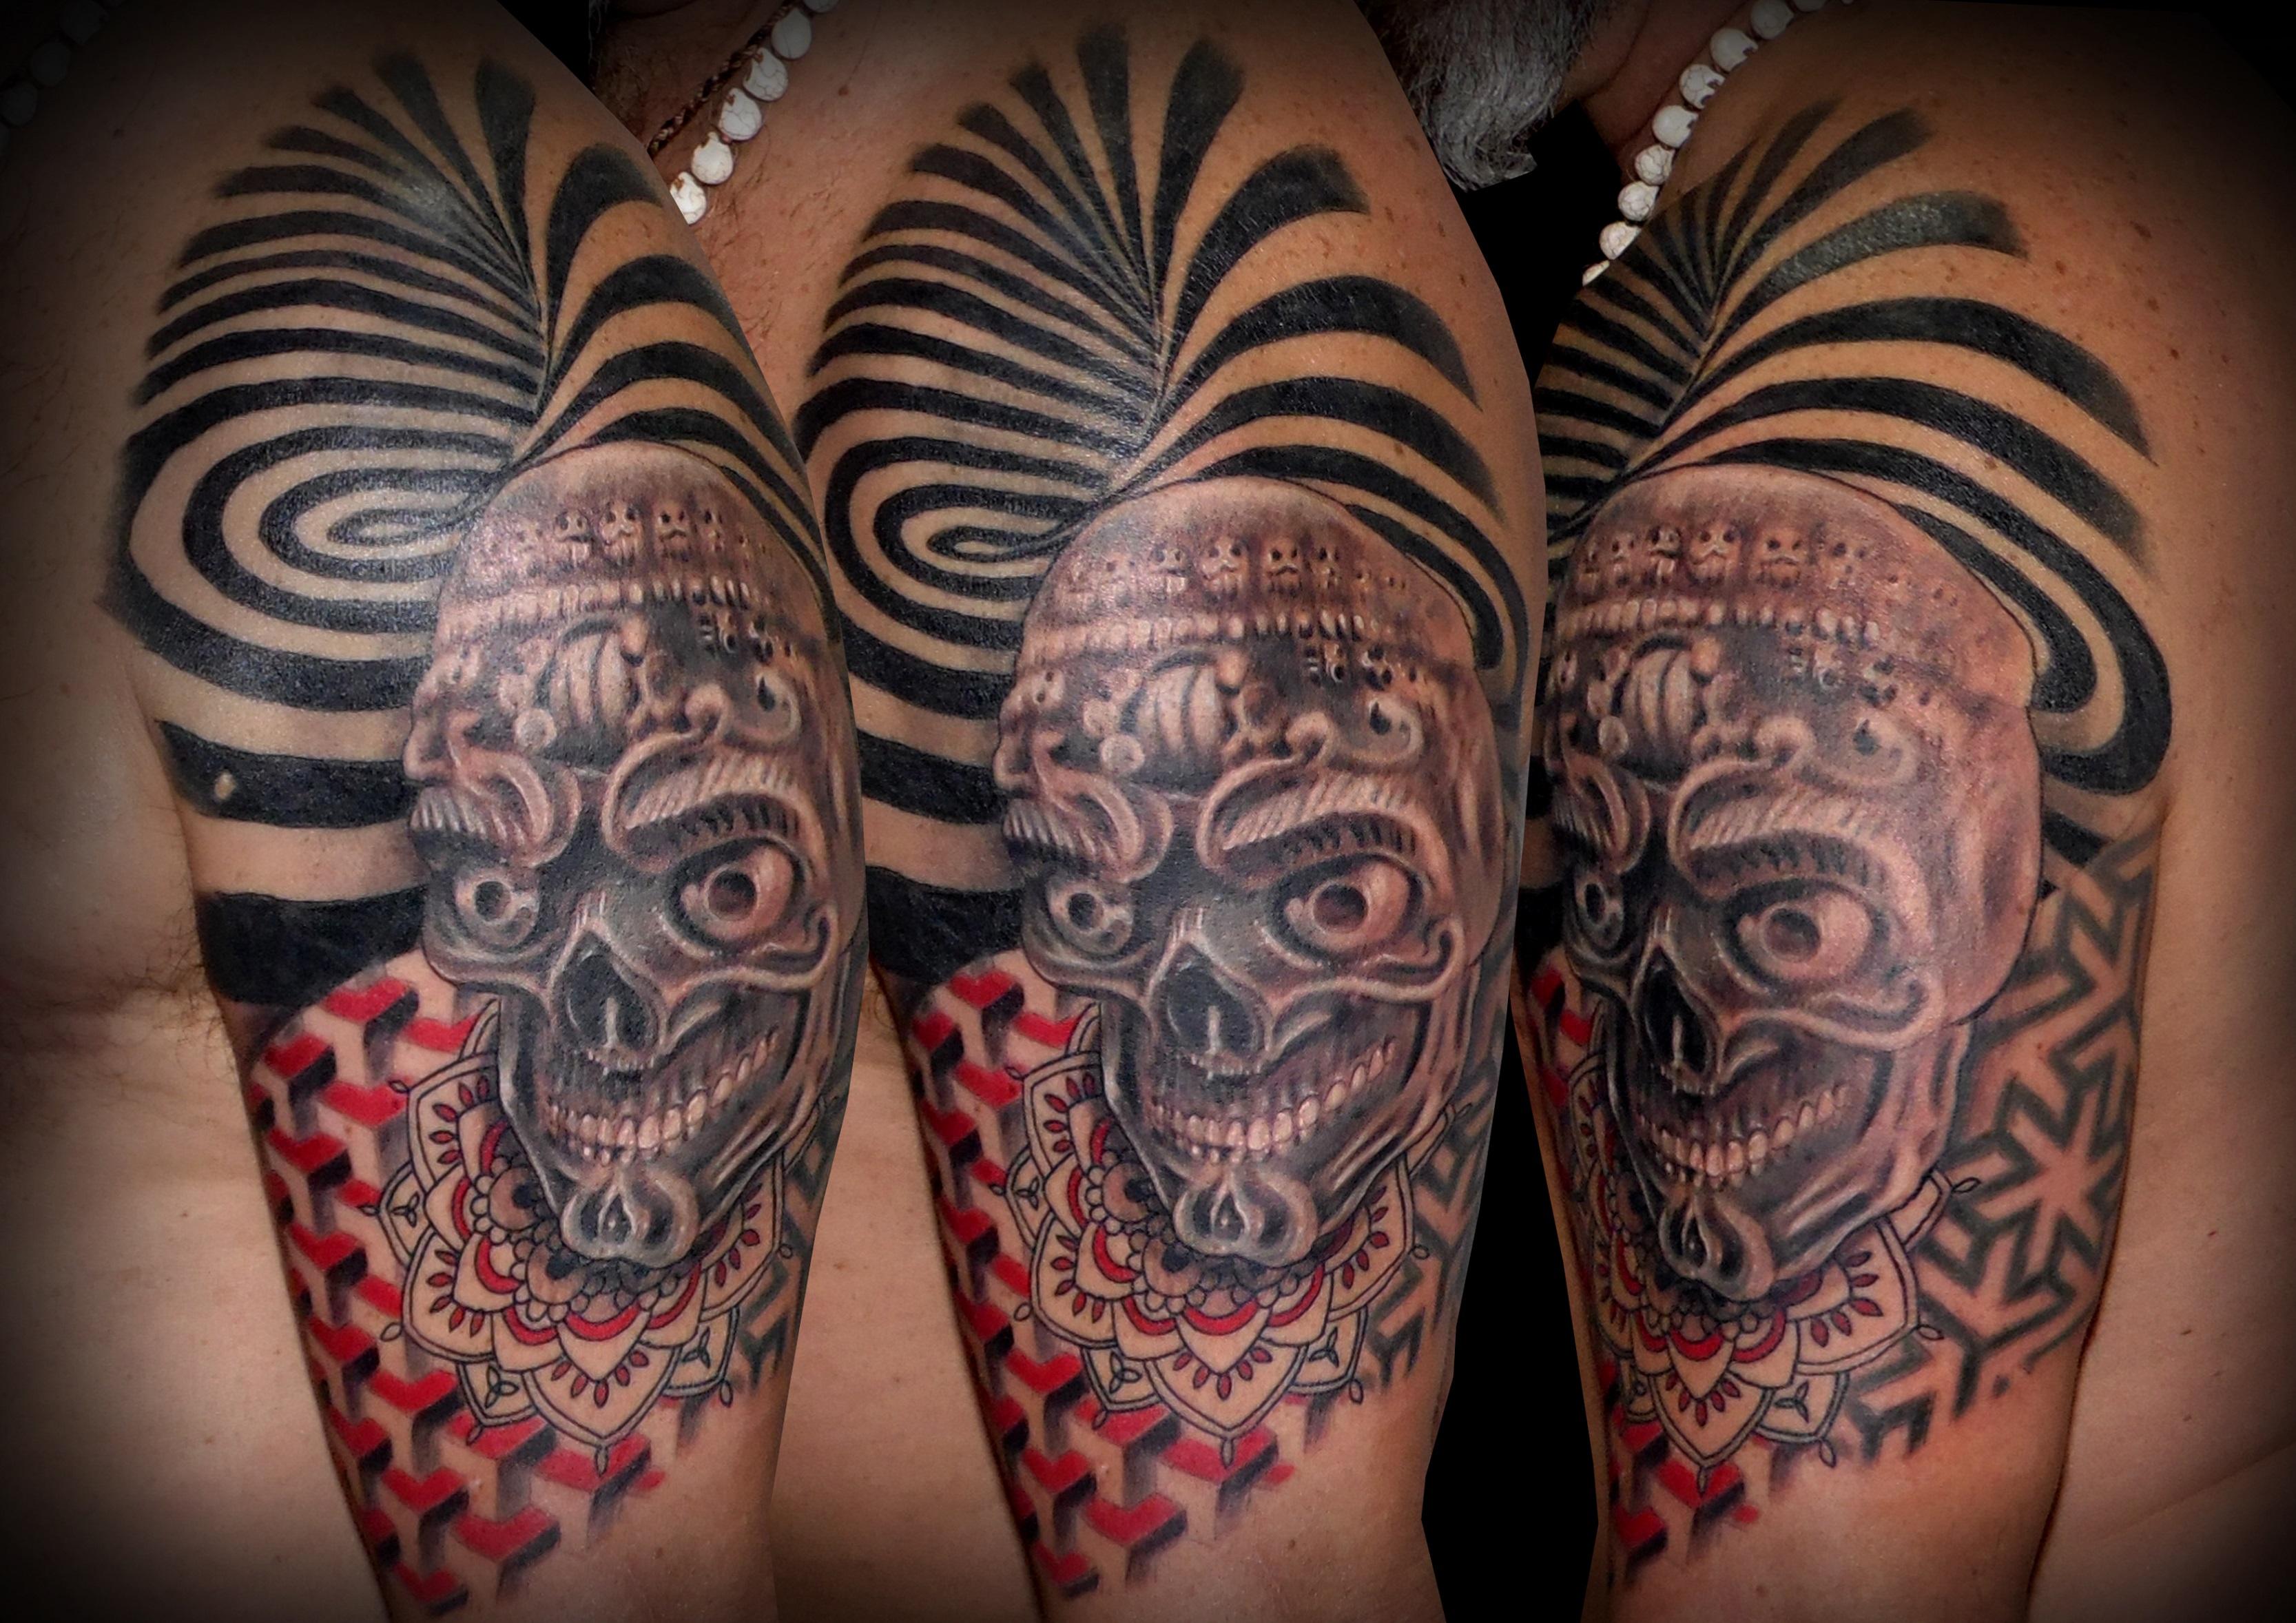 tatuaje tattoo calavera tibetana geométrico mandala color blanco negro 13depicas